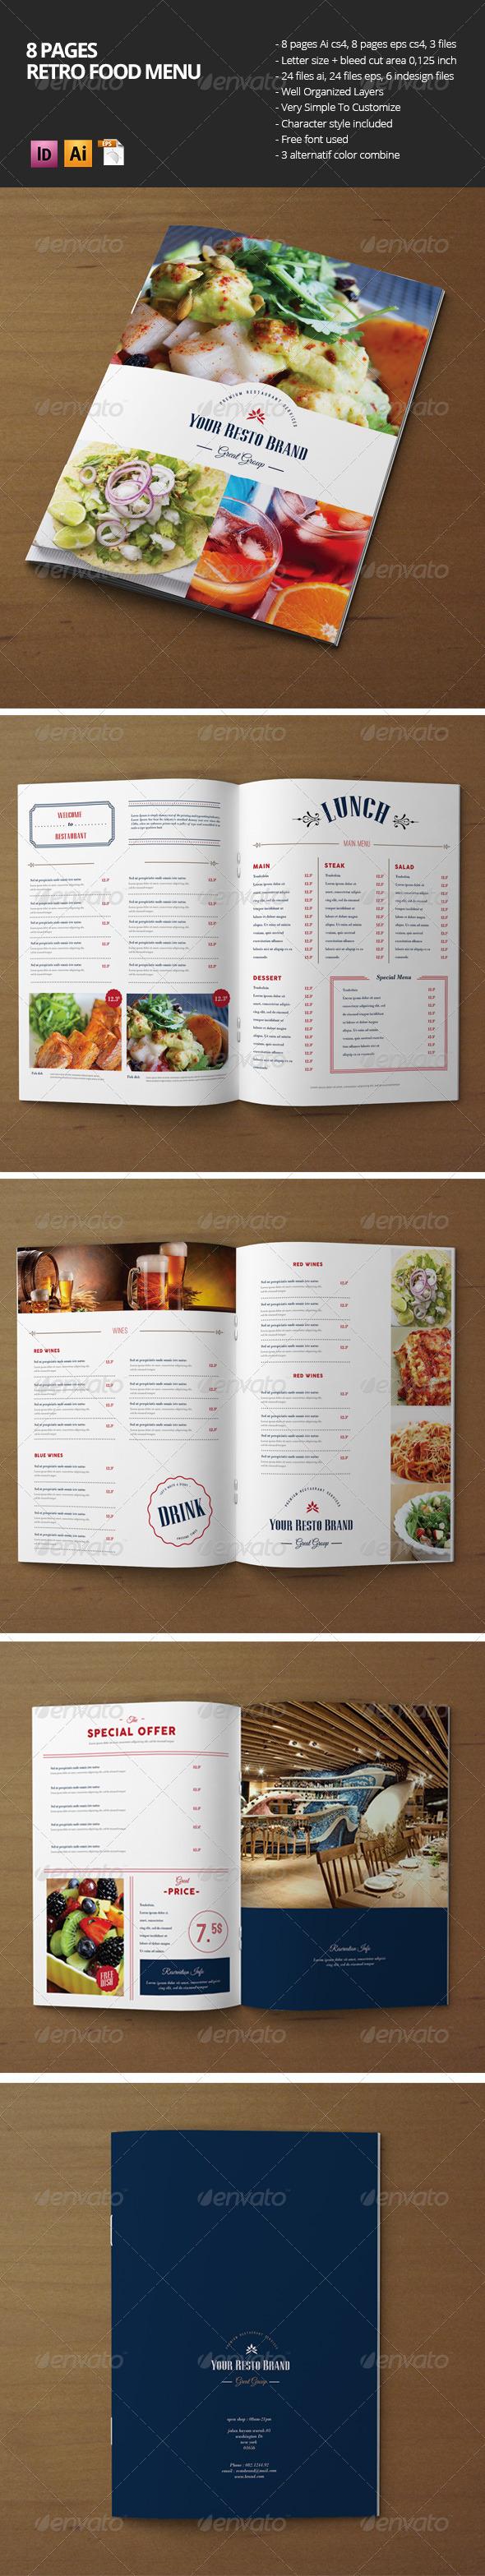 GraphicRiver Retro Food Menu 8016334